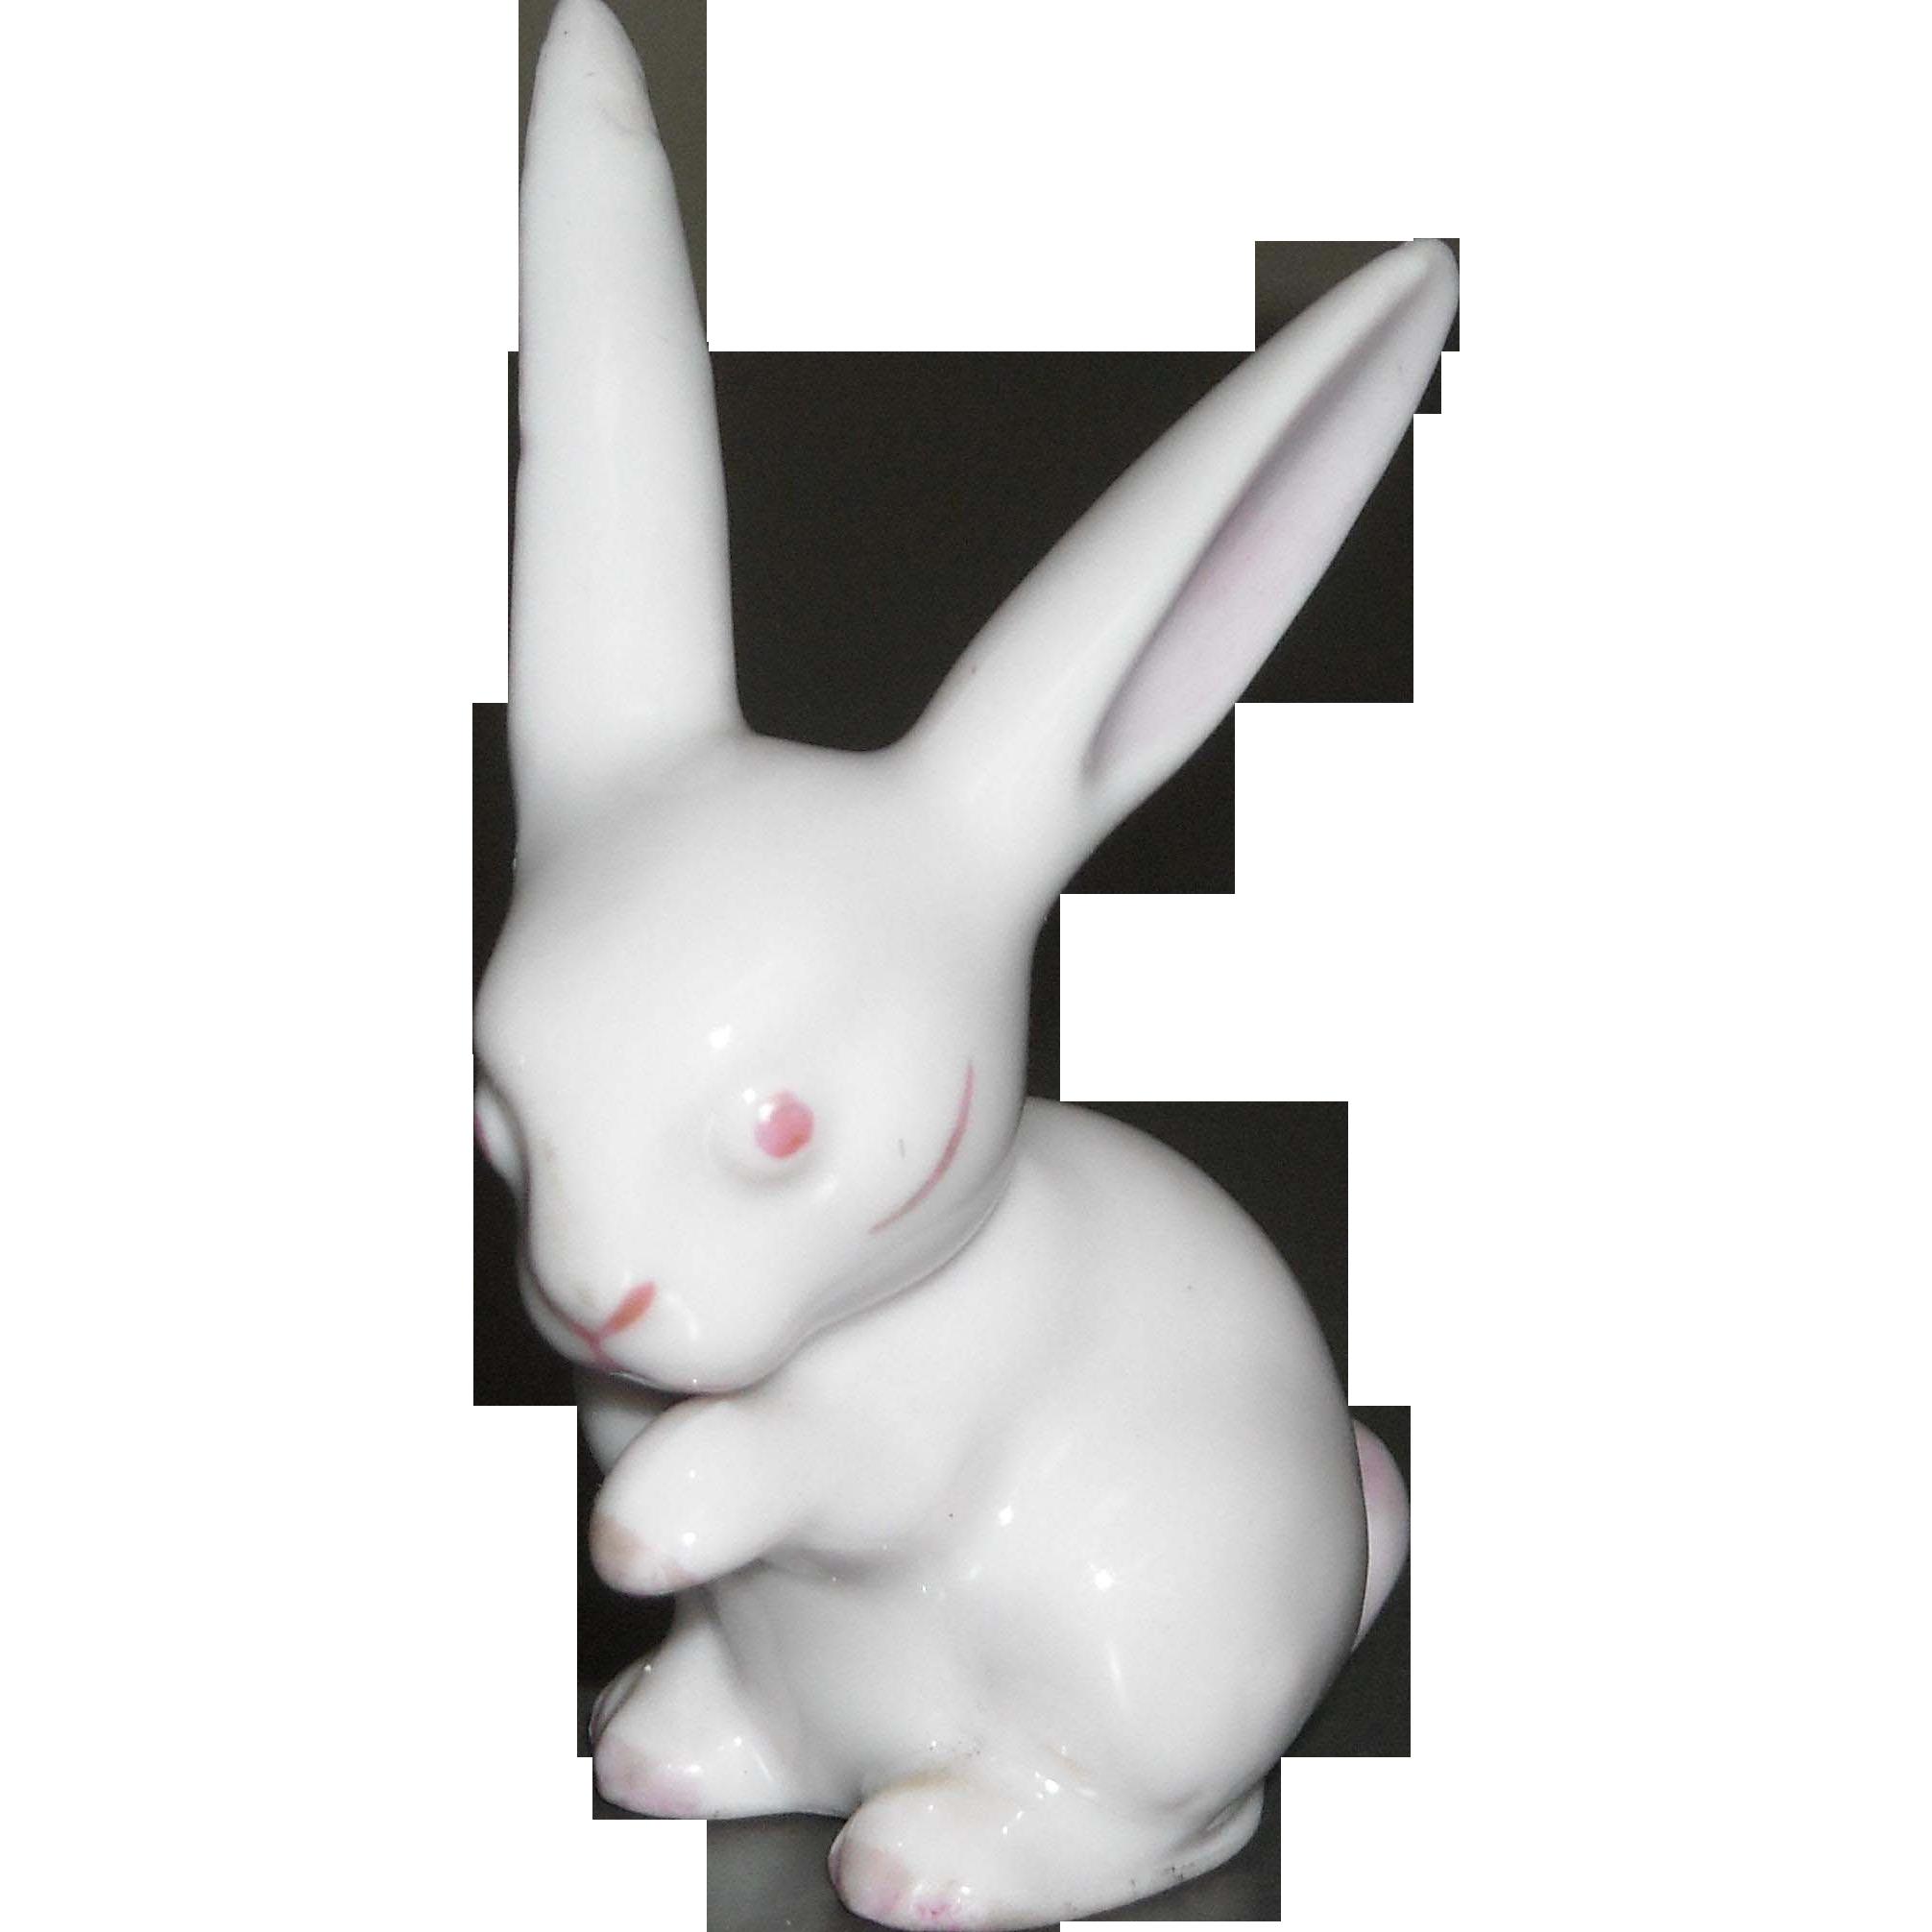 Metzler & Ortloff Porcelain Rabbit Figure